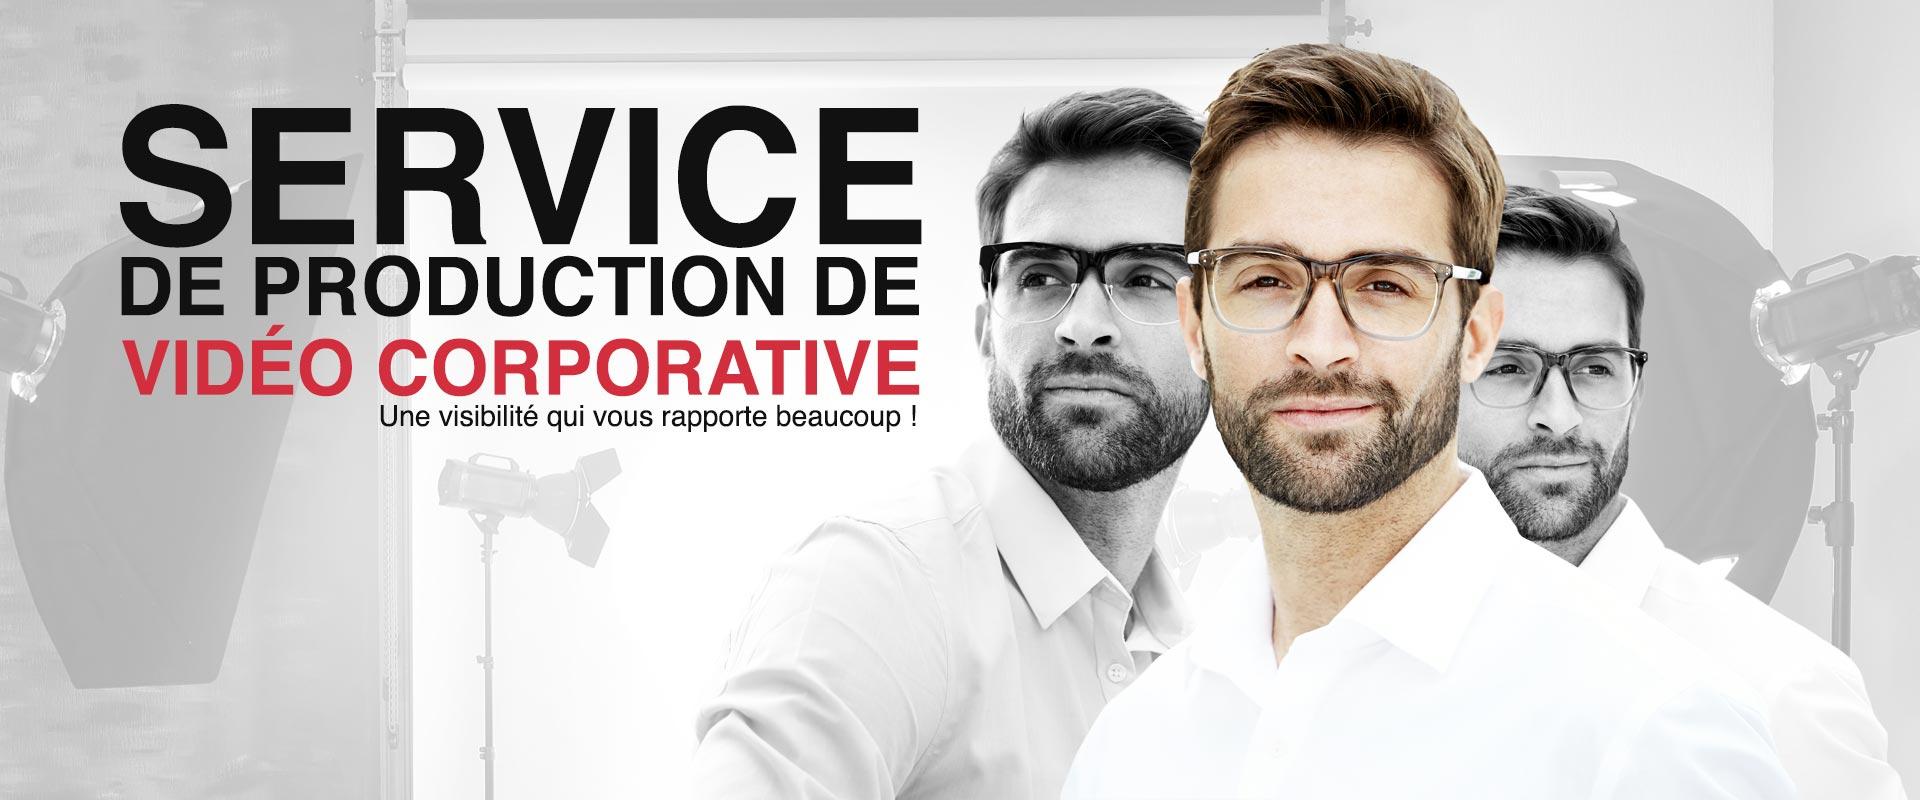 Service de production de vidéo corporative, une visibilité que vous rapporte beaucoup!